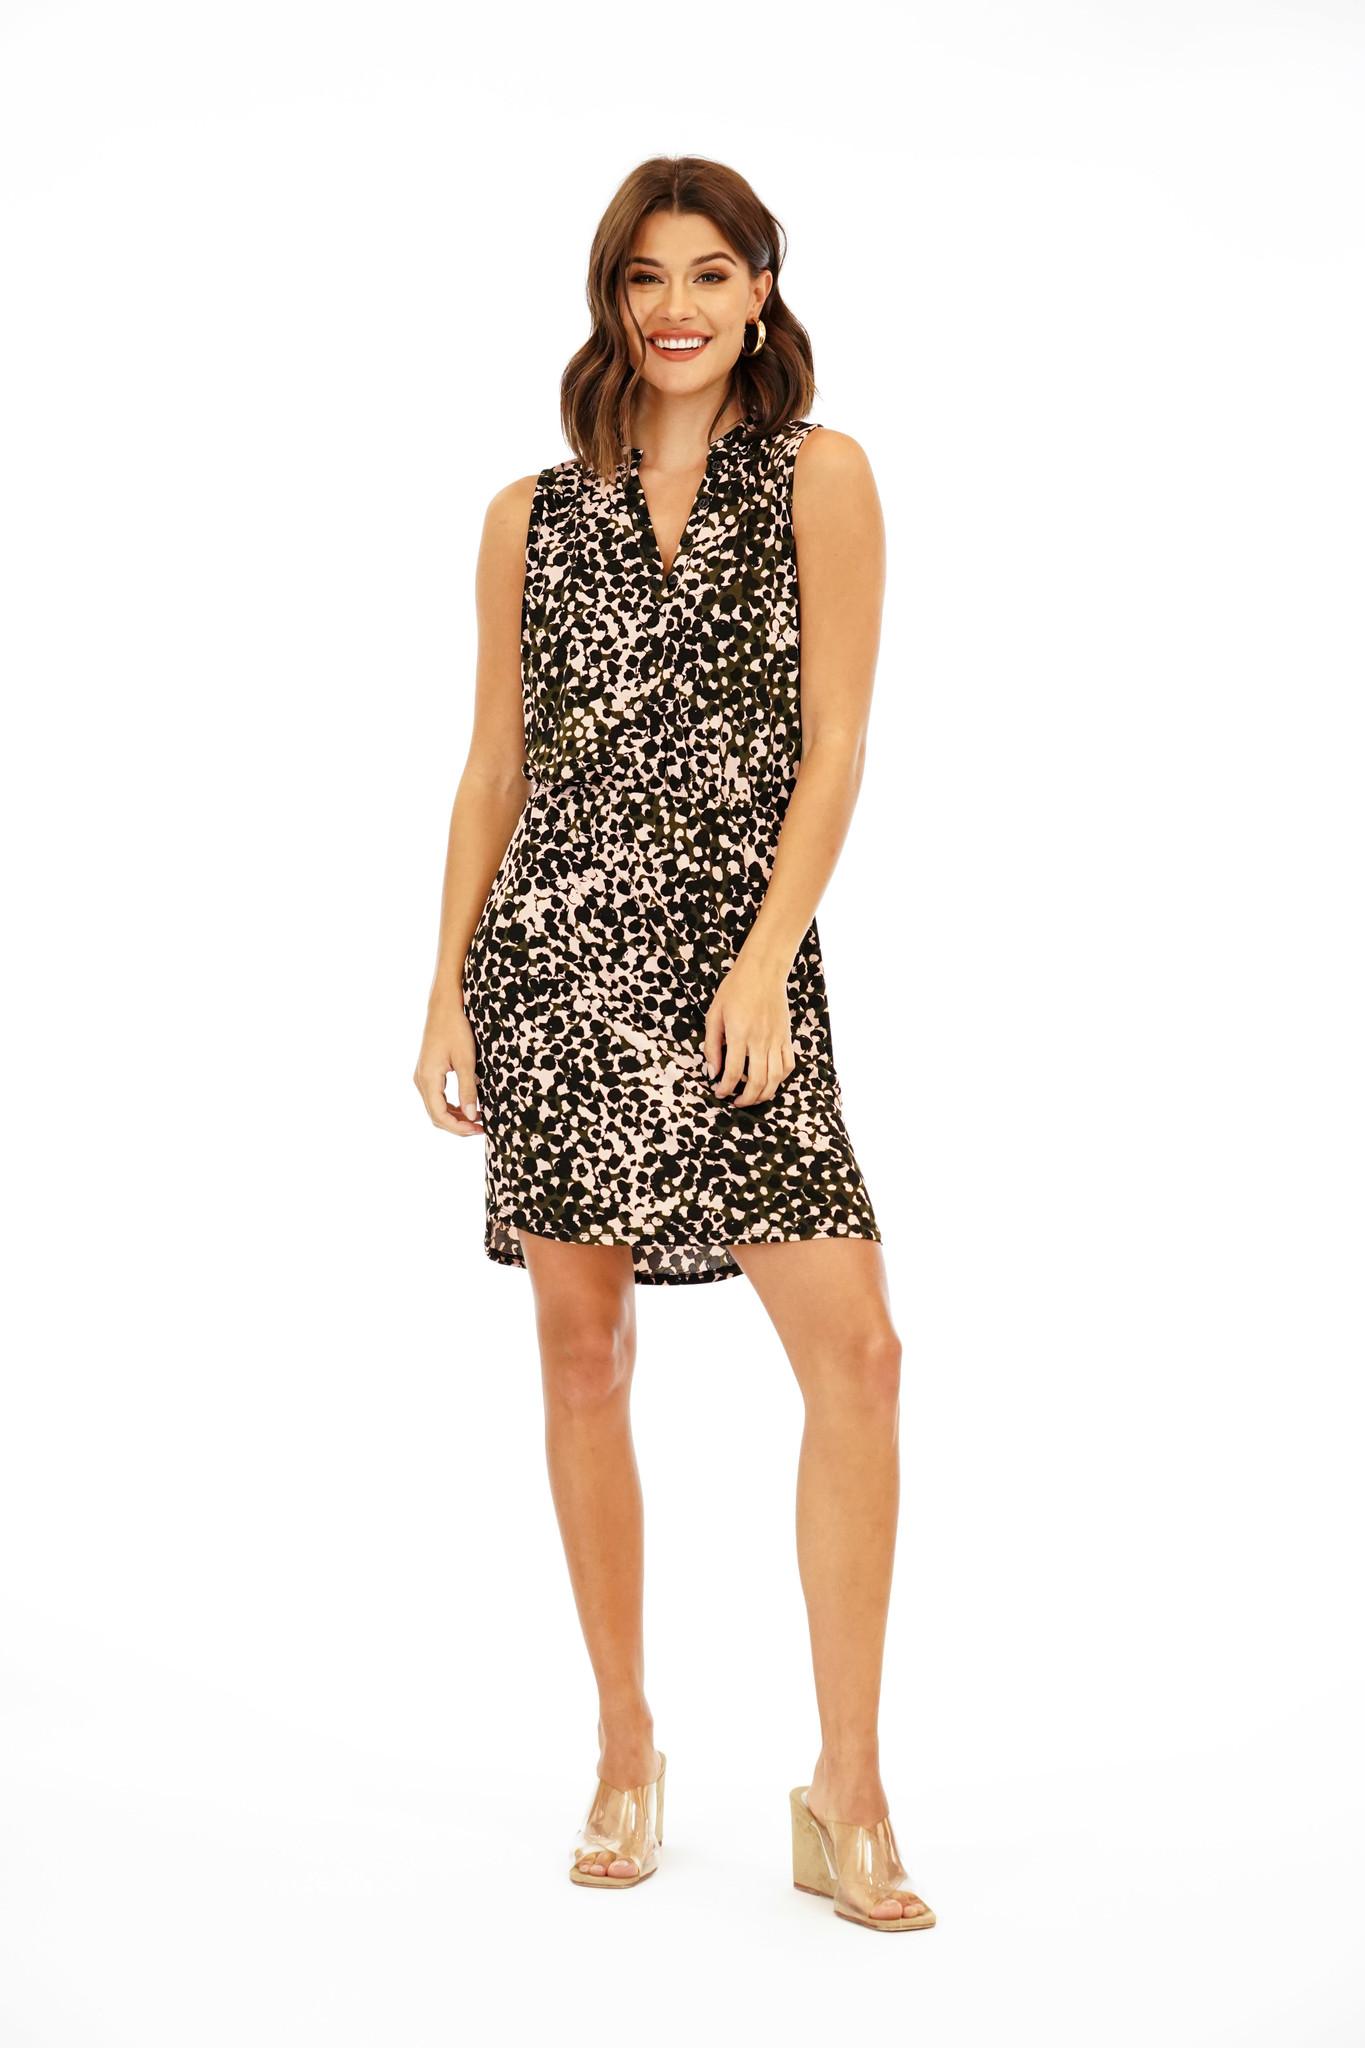 Veronica M Veronica M Shirt Waist Dress